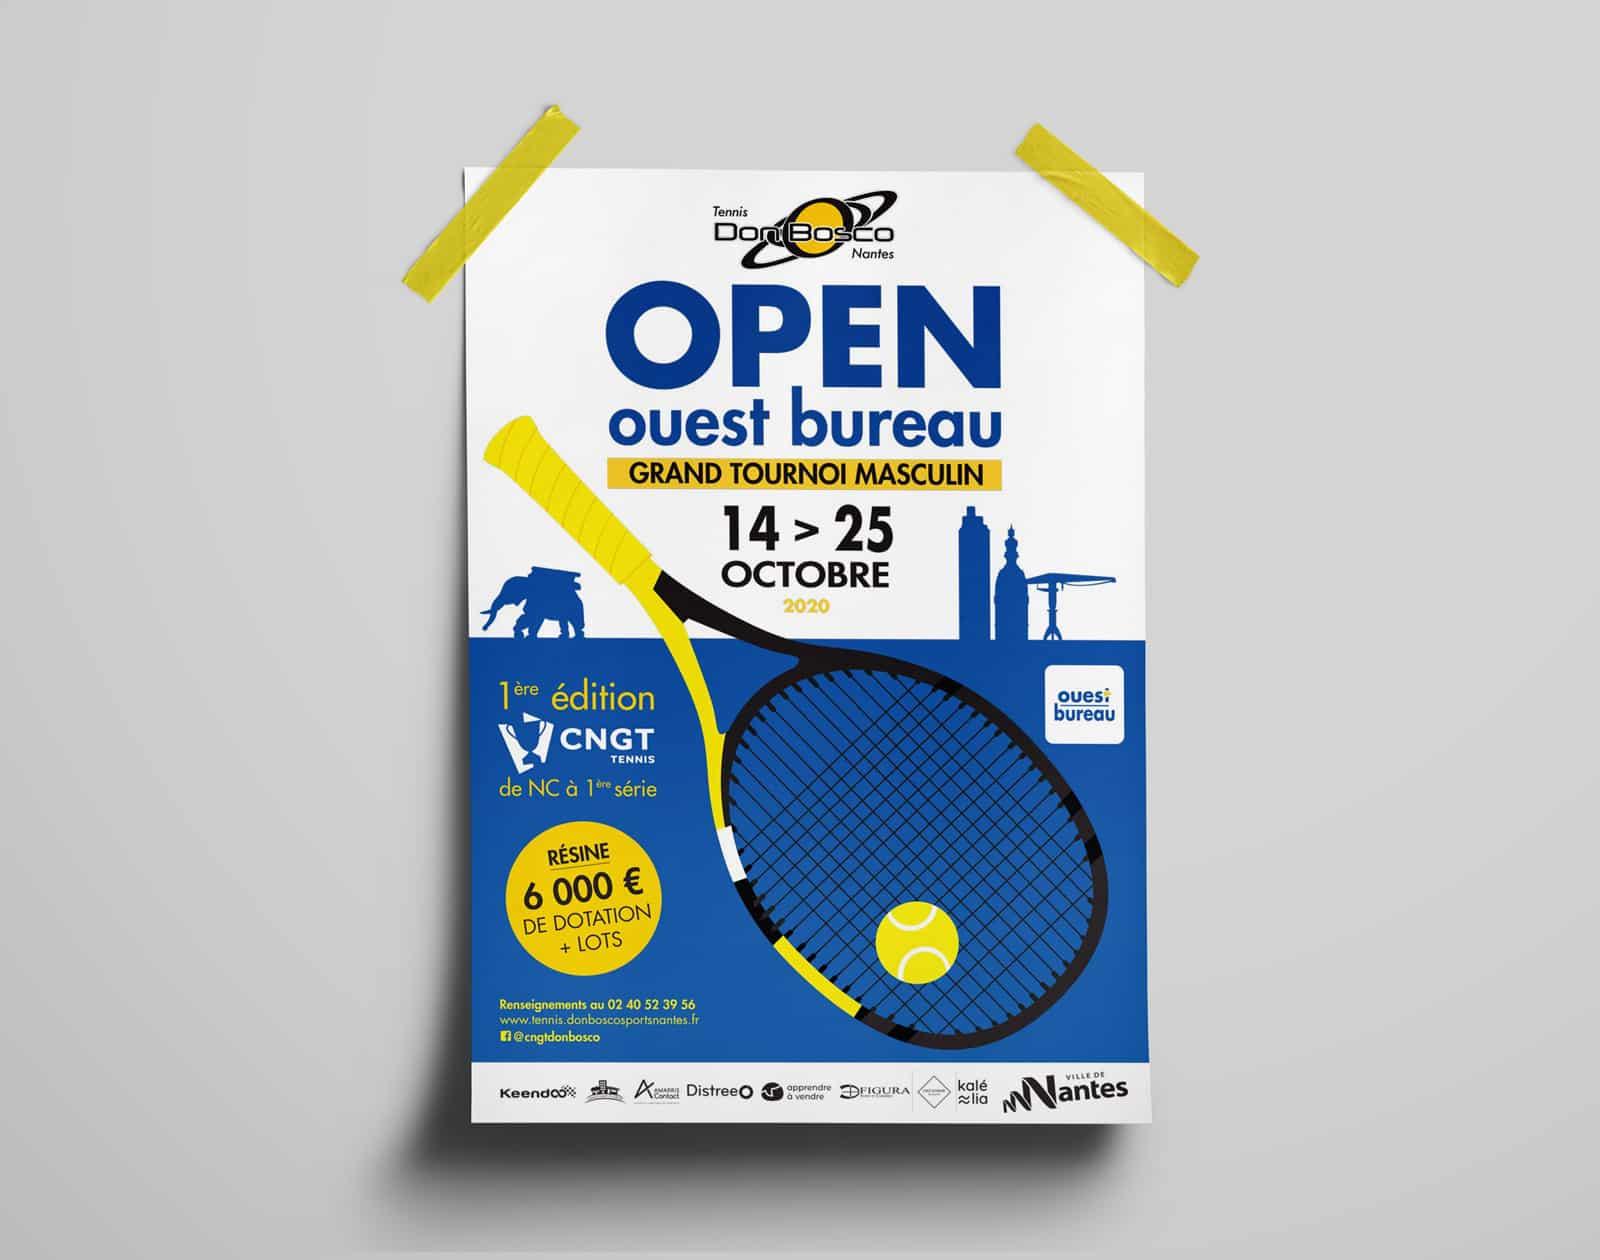 ouest-bureau-open-